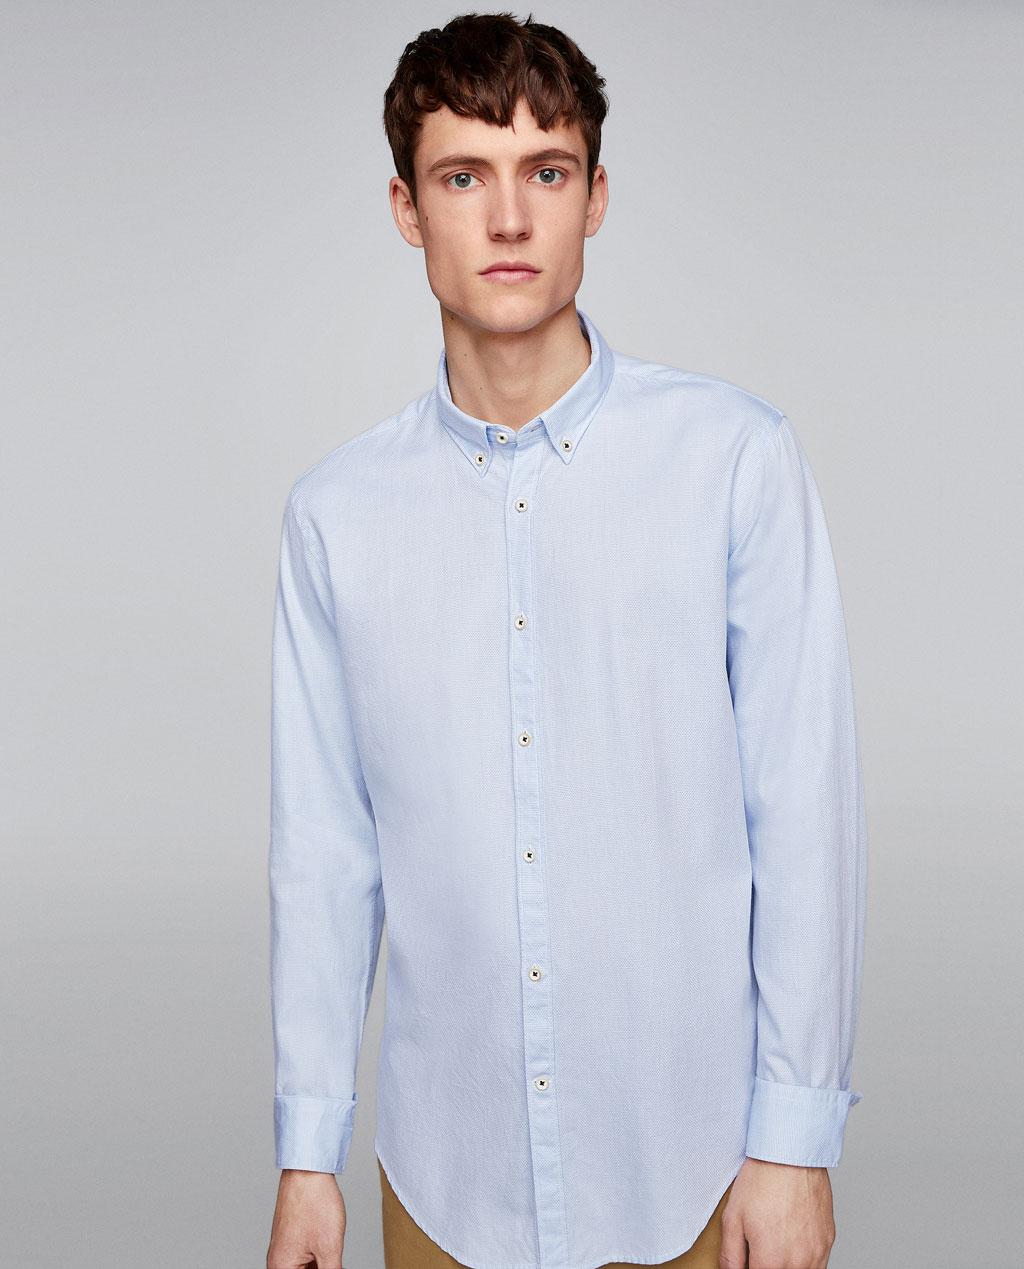 Thời trang nam Zara  24062 - ảnh 4